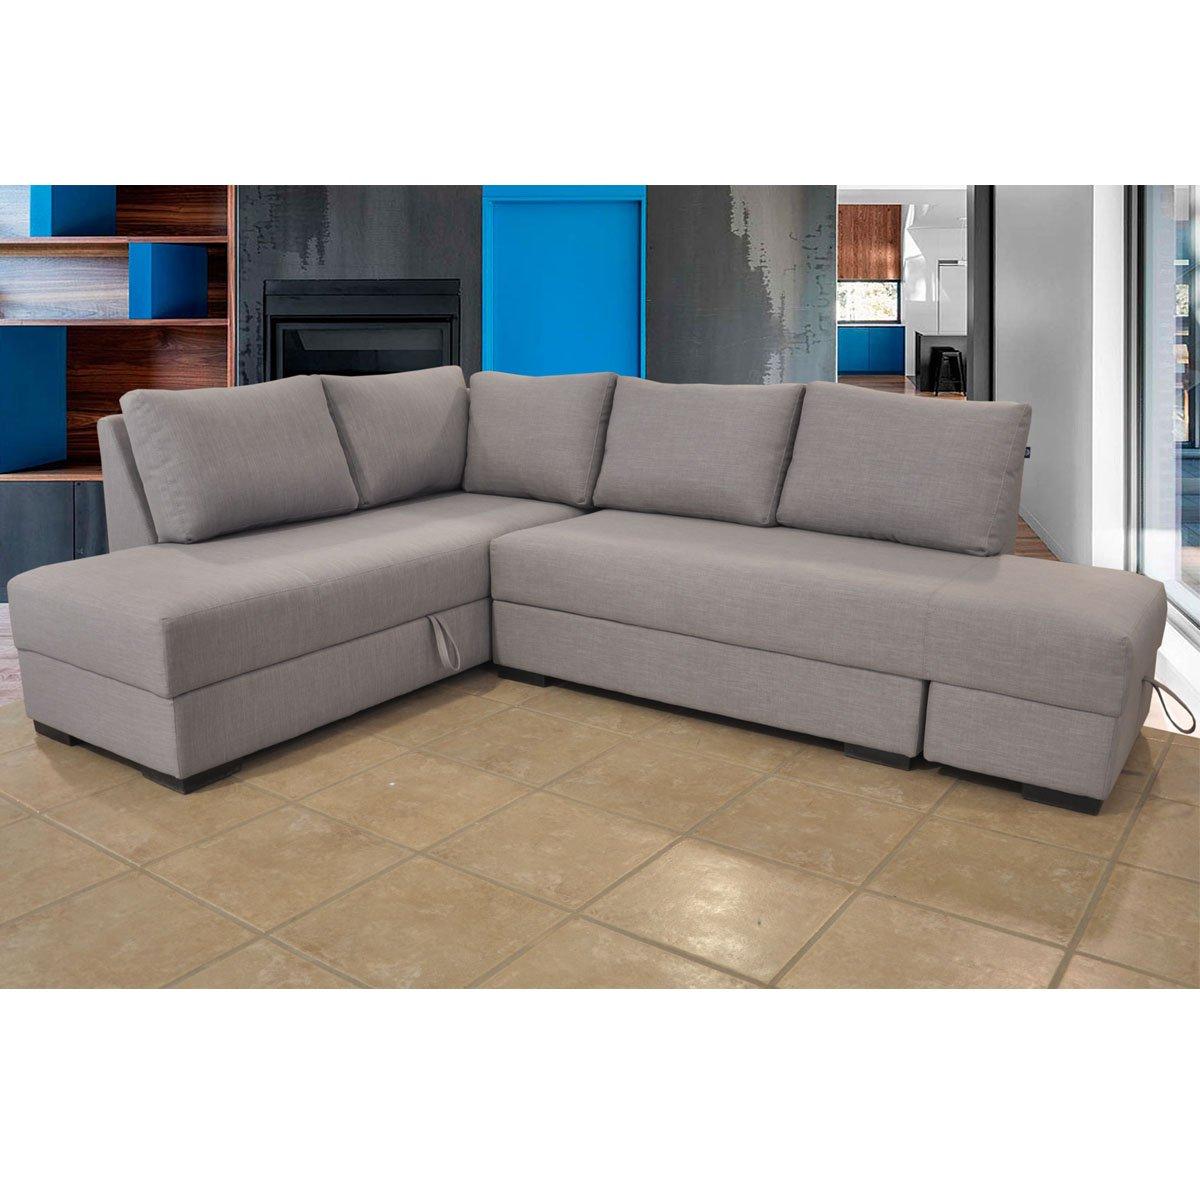 Sala modular 2 piezas izquierdo alison tela gris sears for Muebles izquierdo